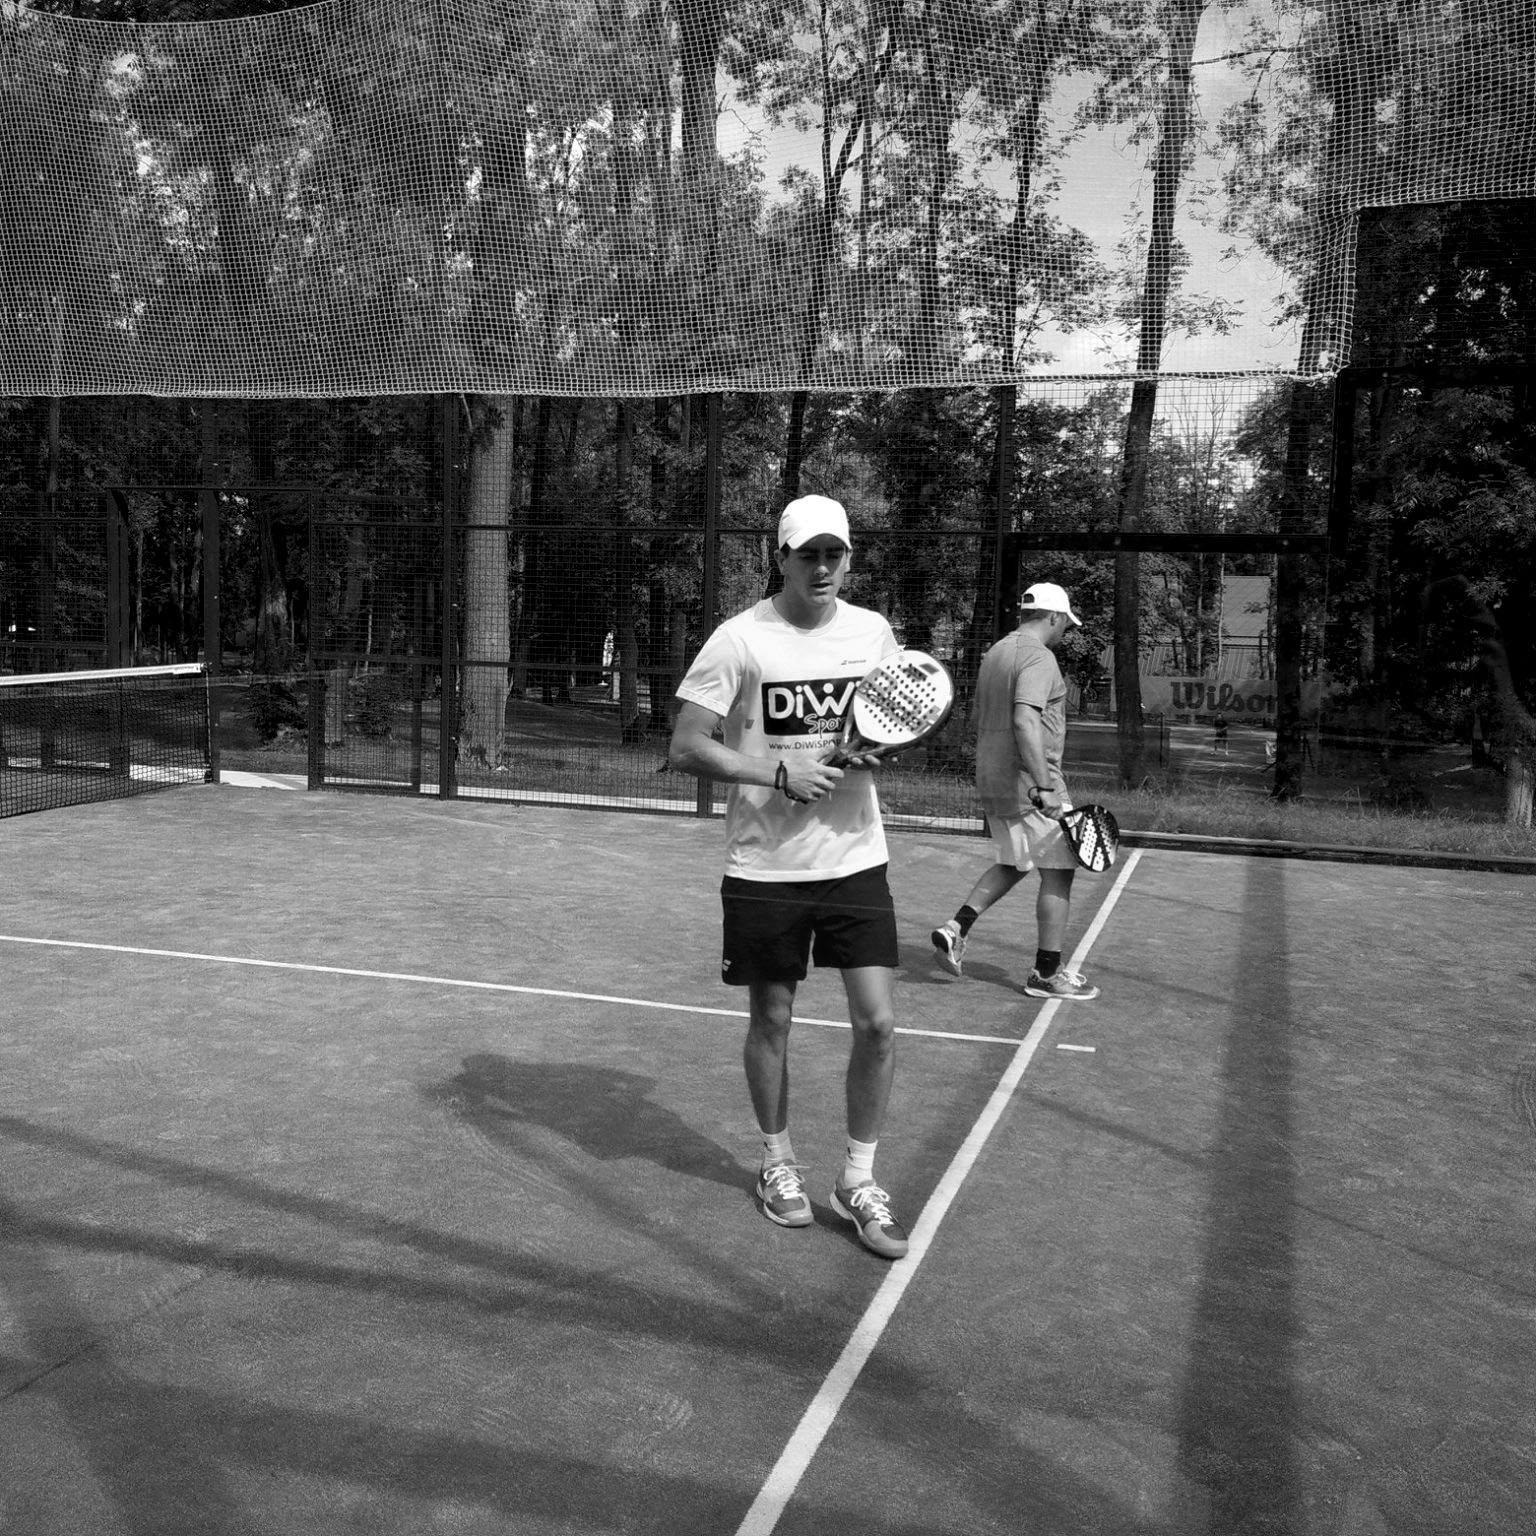 Lucas jans - coach